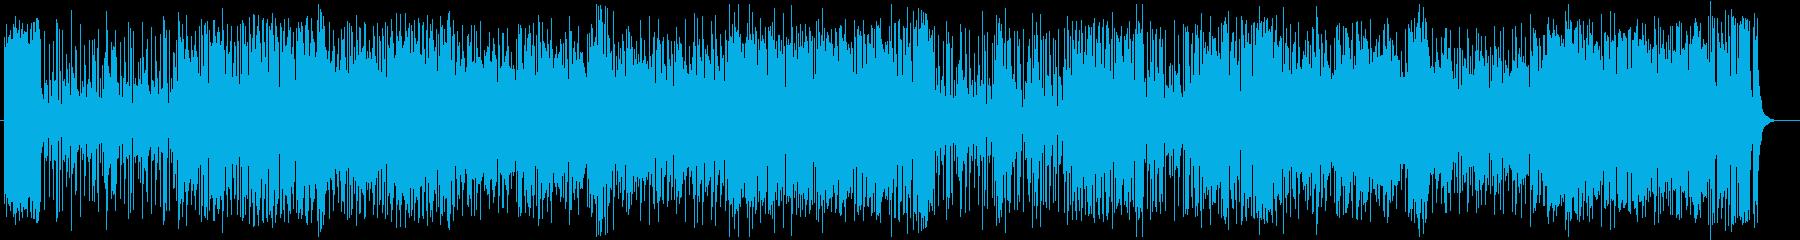 爽やかなメロディのポップスの再生済みの波形